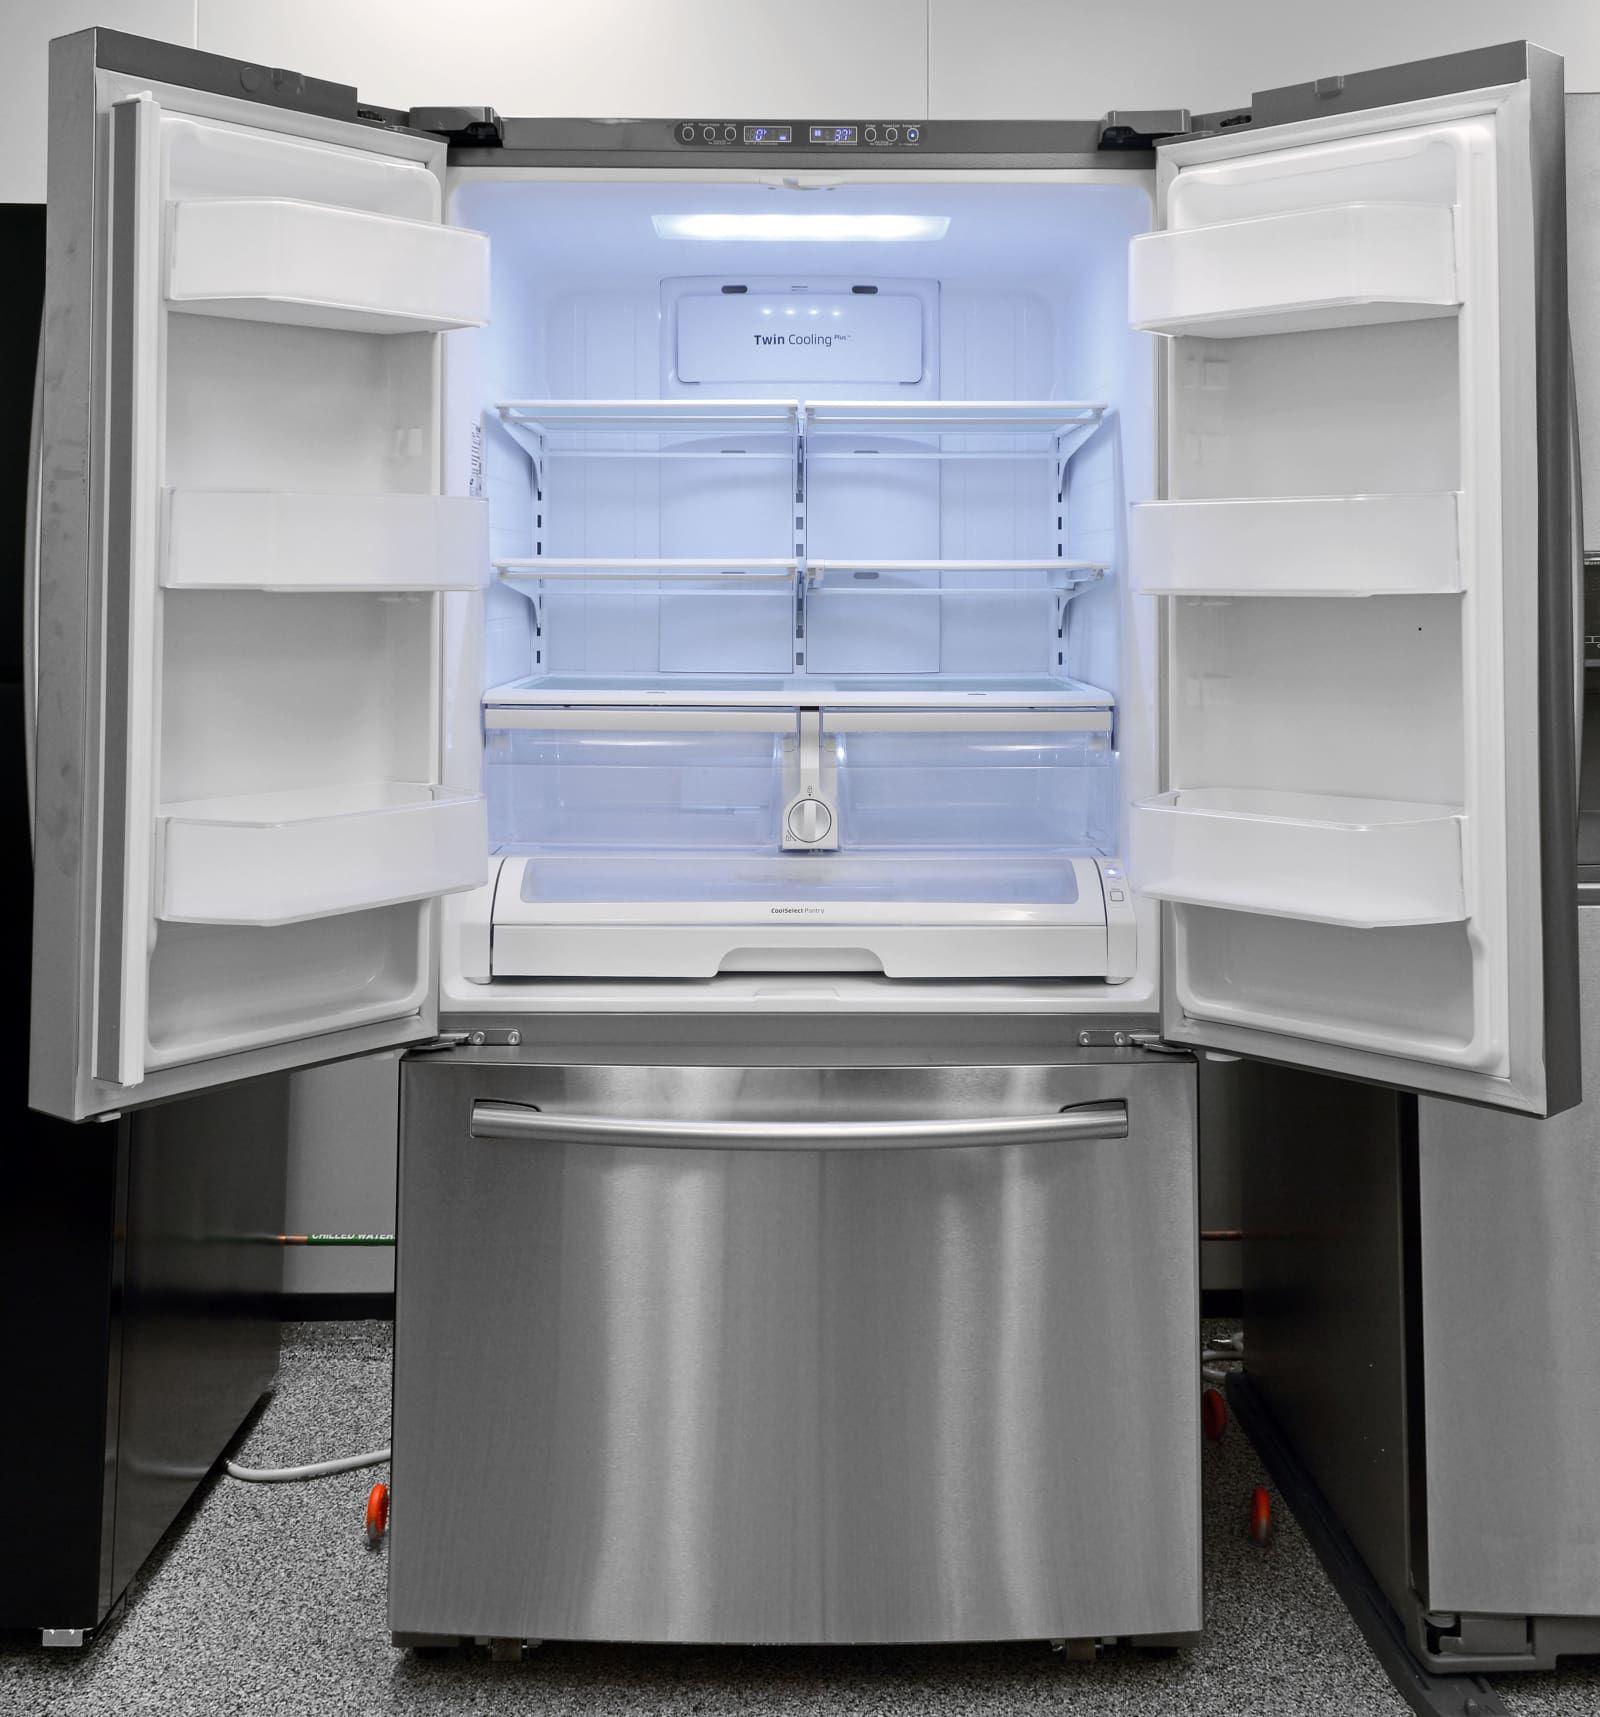 Samsung Rf260beaesr Refrigerator Reviews Counter Depth Refrigerator Affordable Fridges